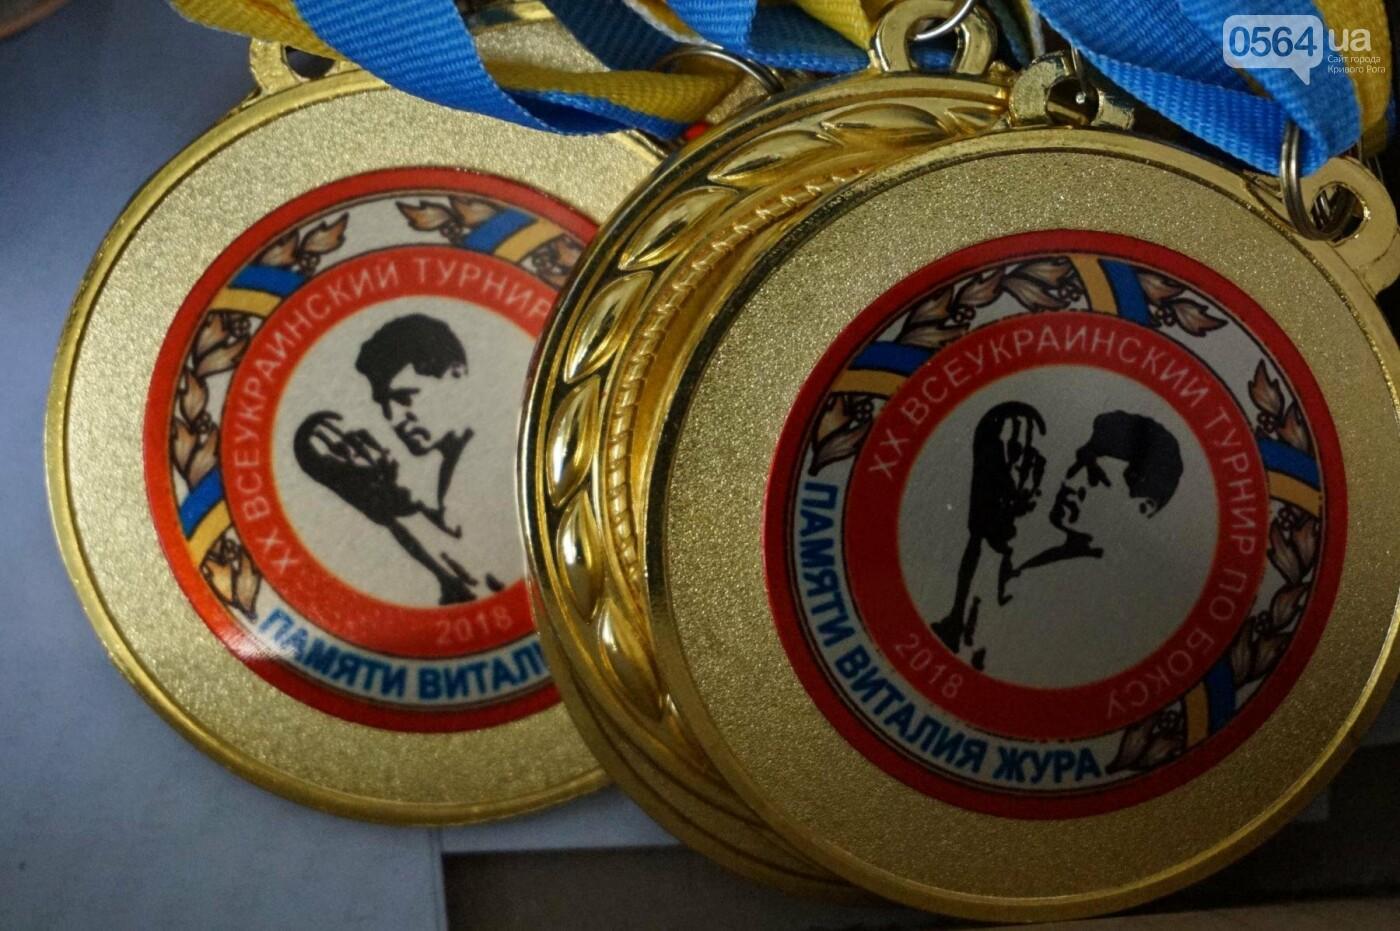 В Кривом Роге состоялся Международный турнир по боксу (ФОТО, ВИДЕО), фото-56